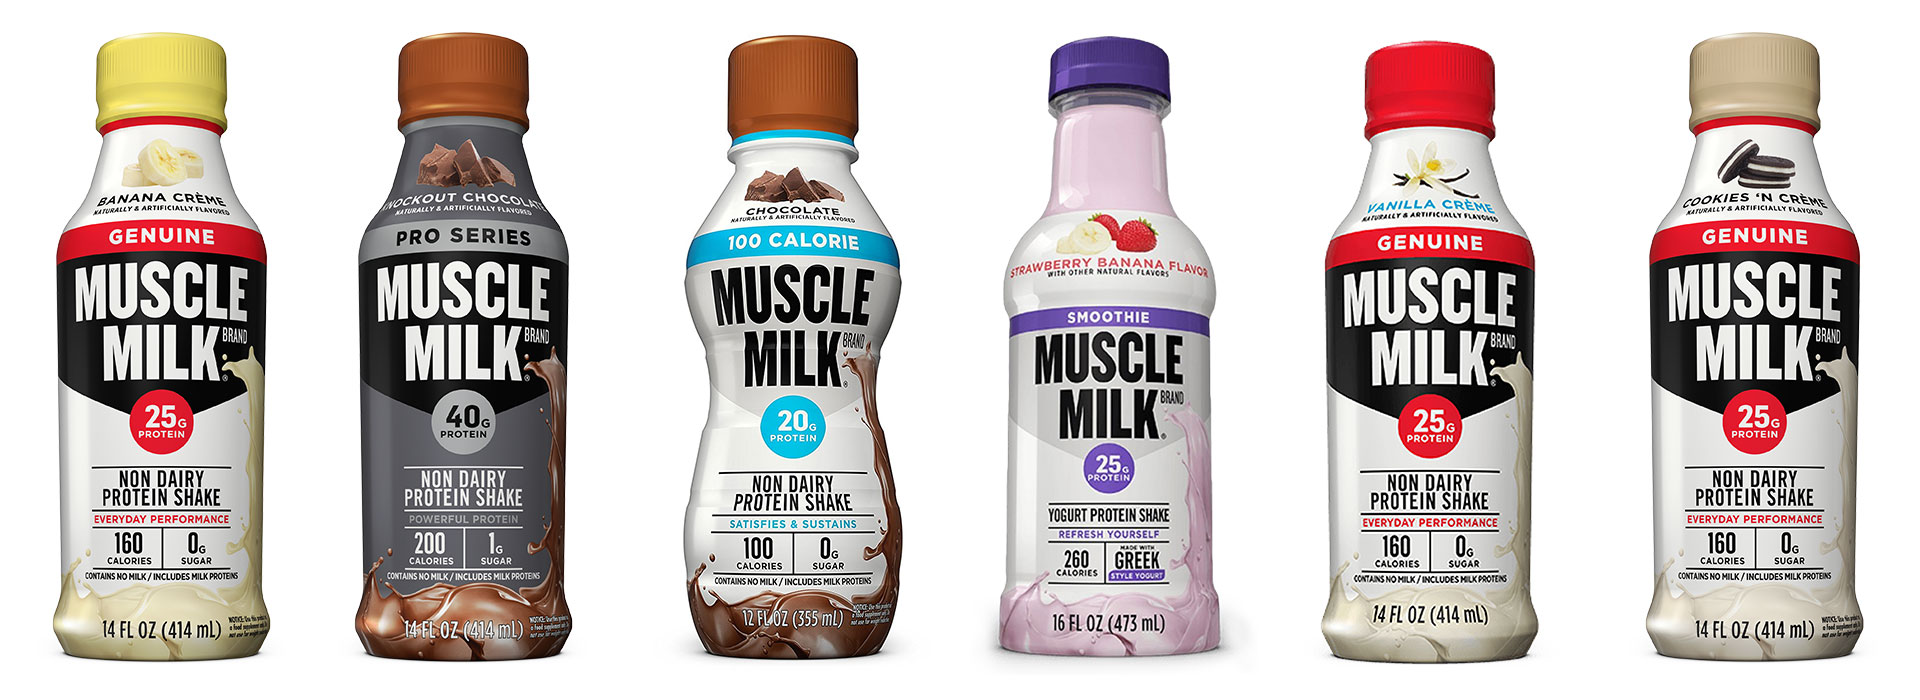 Muscle milk for breakfast